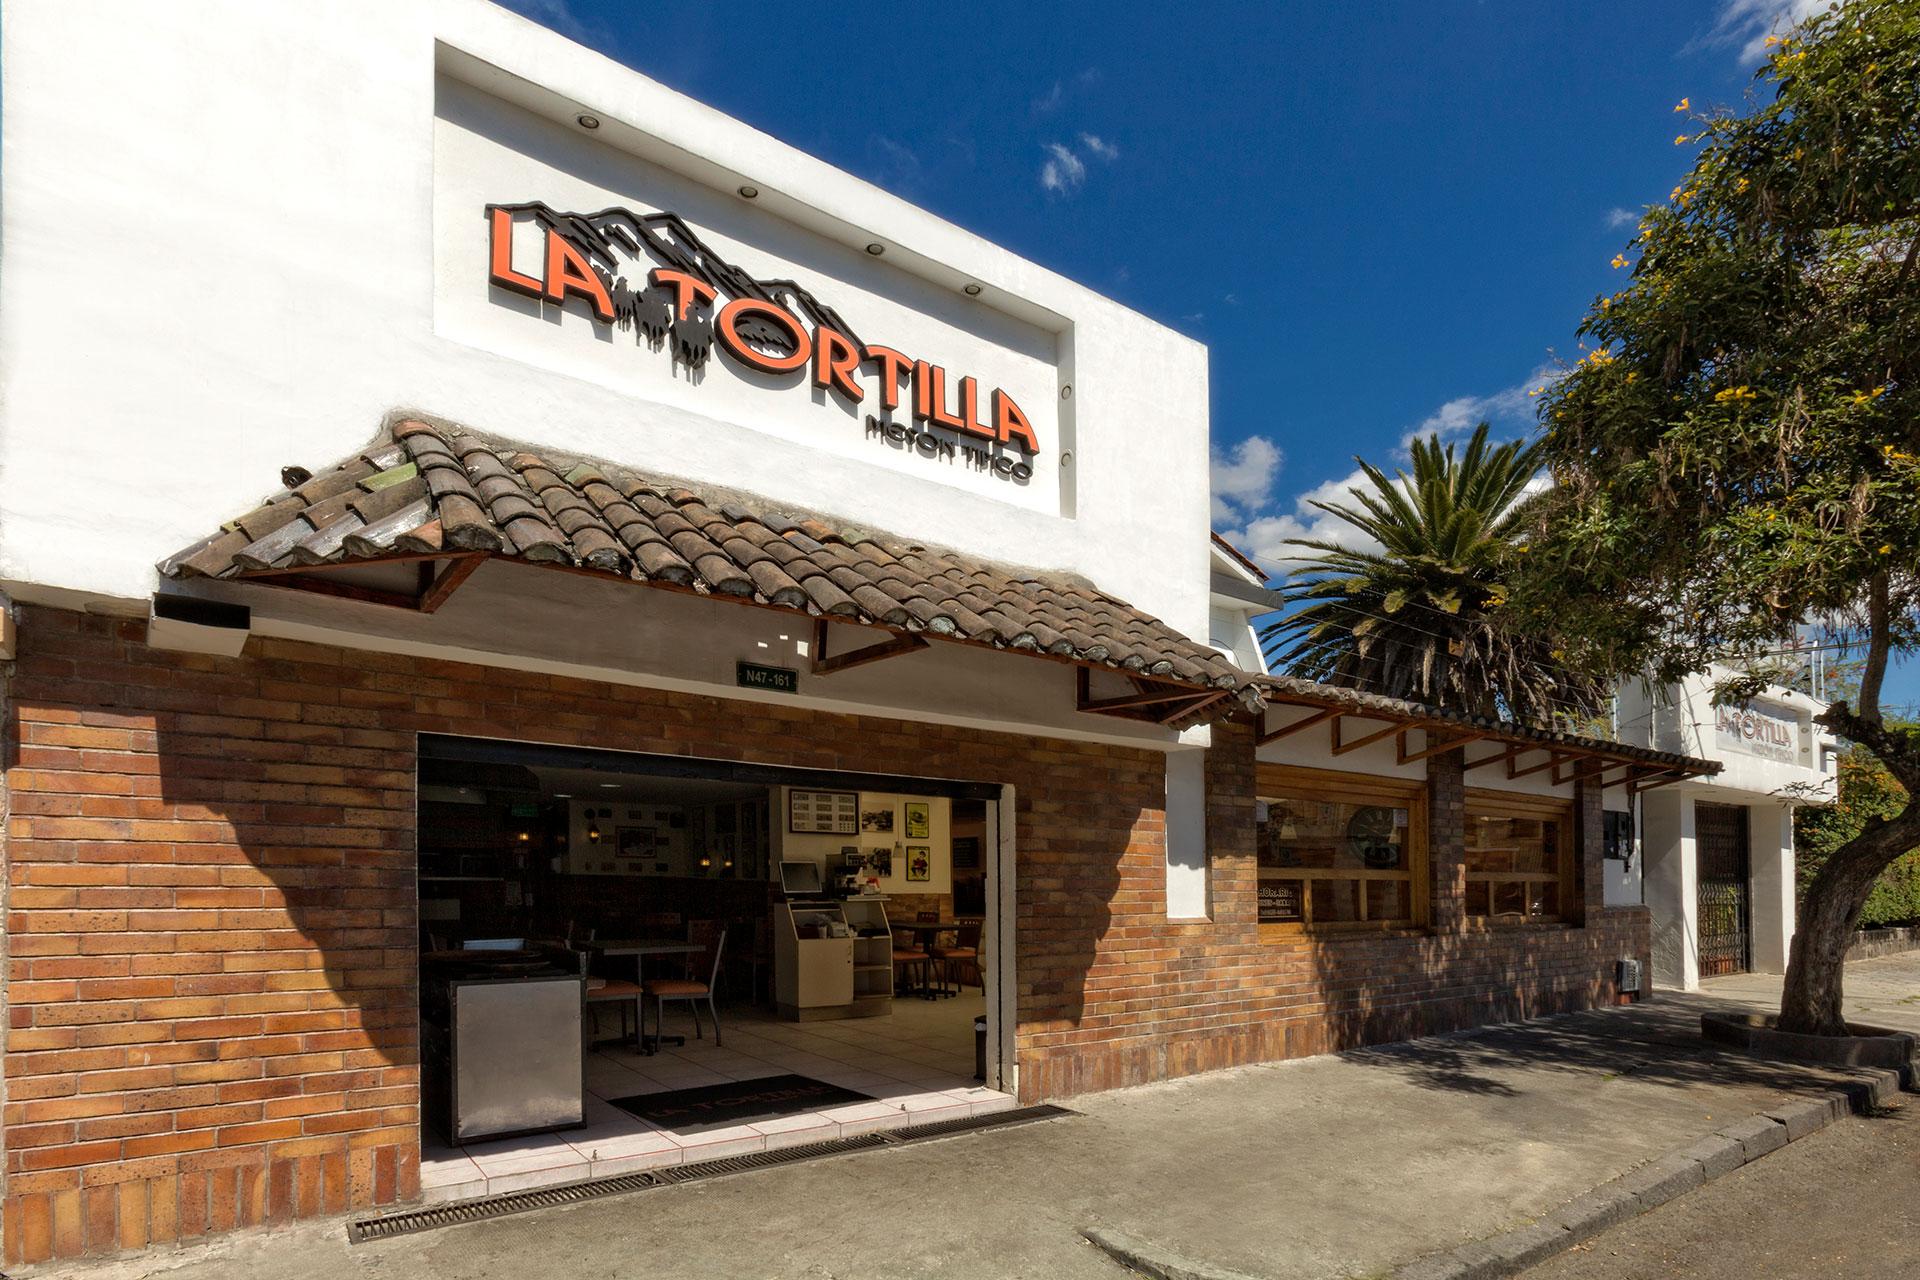 Restaurante La Tortilla Mesón Típico - Contacto